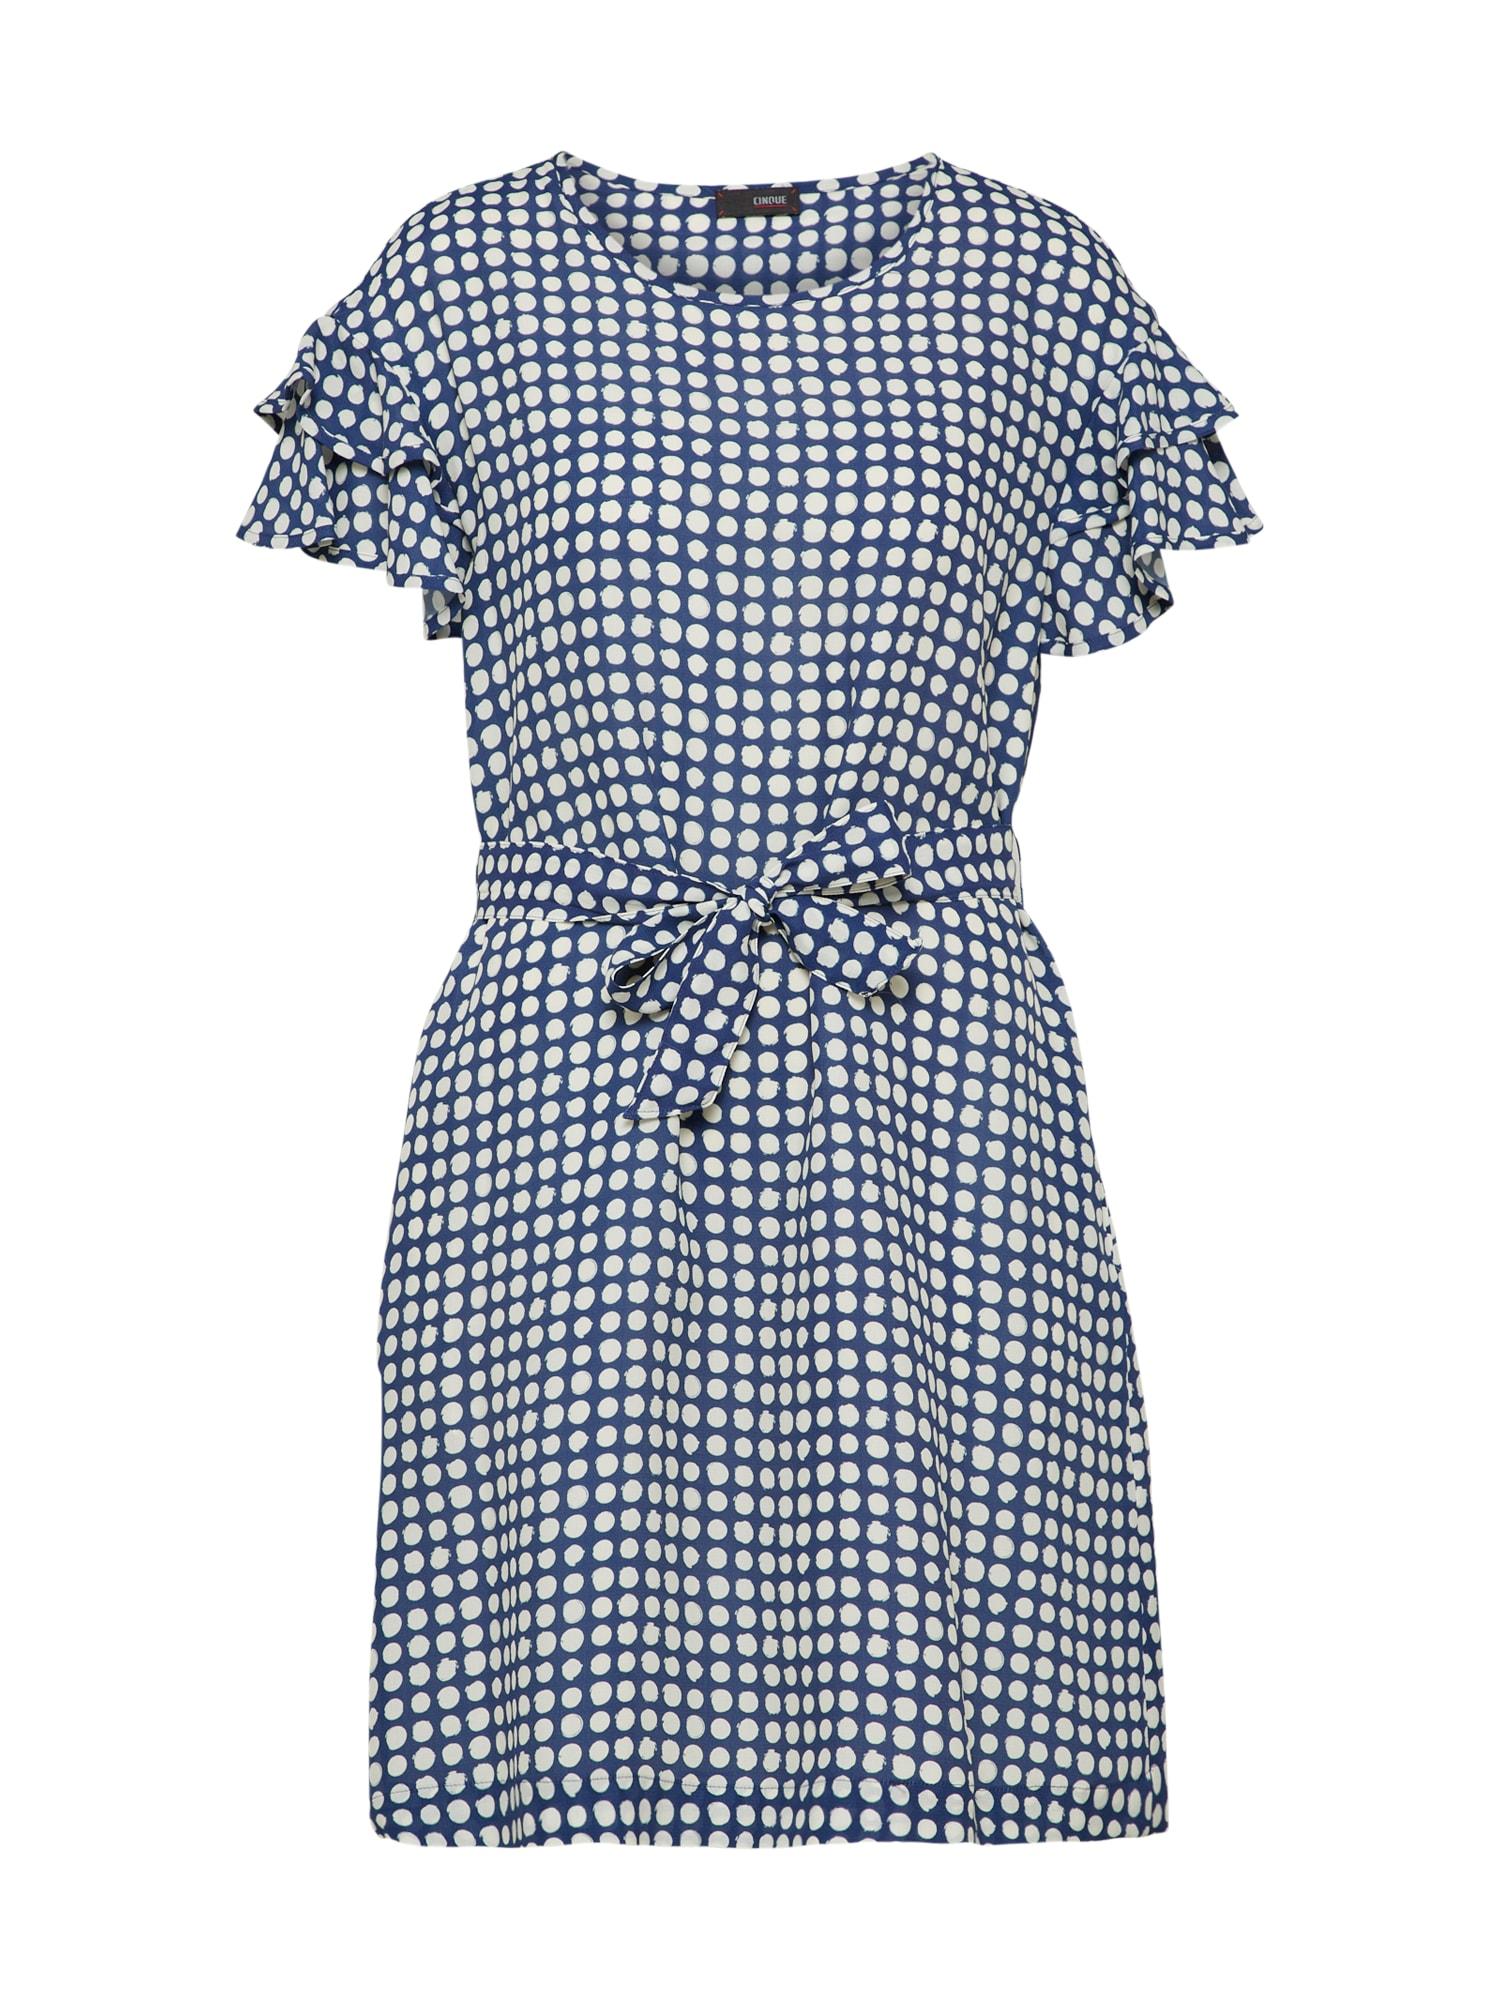 Koktejlové šaty CITEENA námořnická modř bílá CINQUE